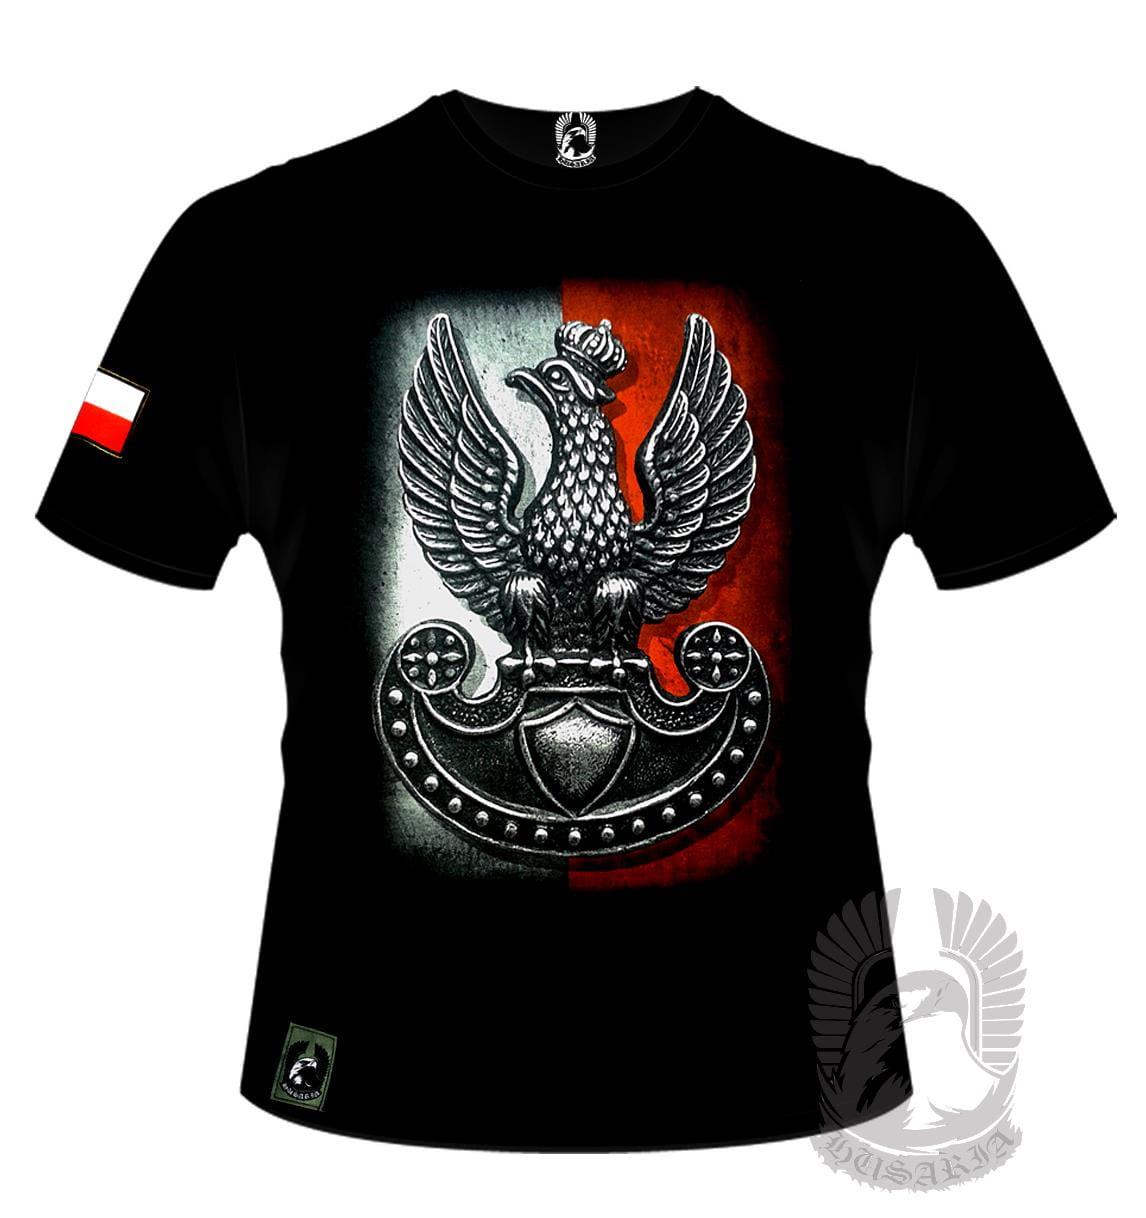 a99545eae16e Koszulka patriotyczna - Orzeł Legionów (Husaria) - - Sklepik ...